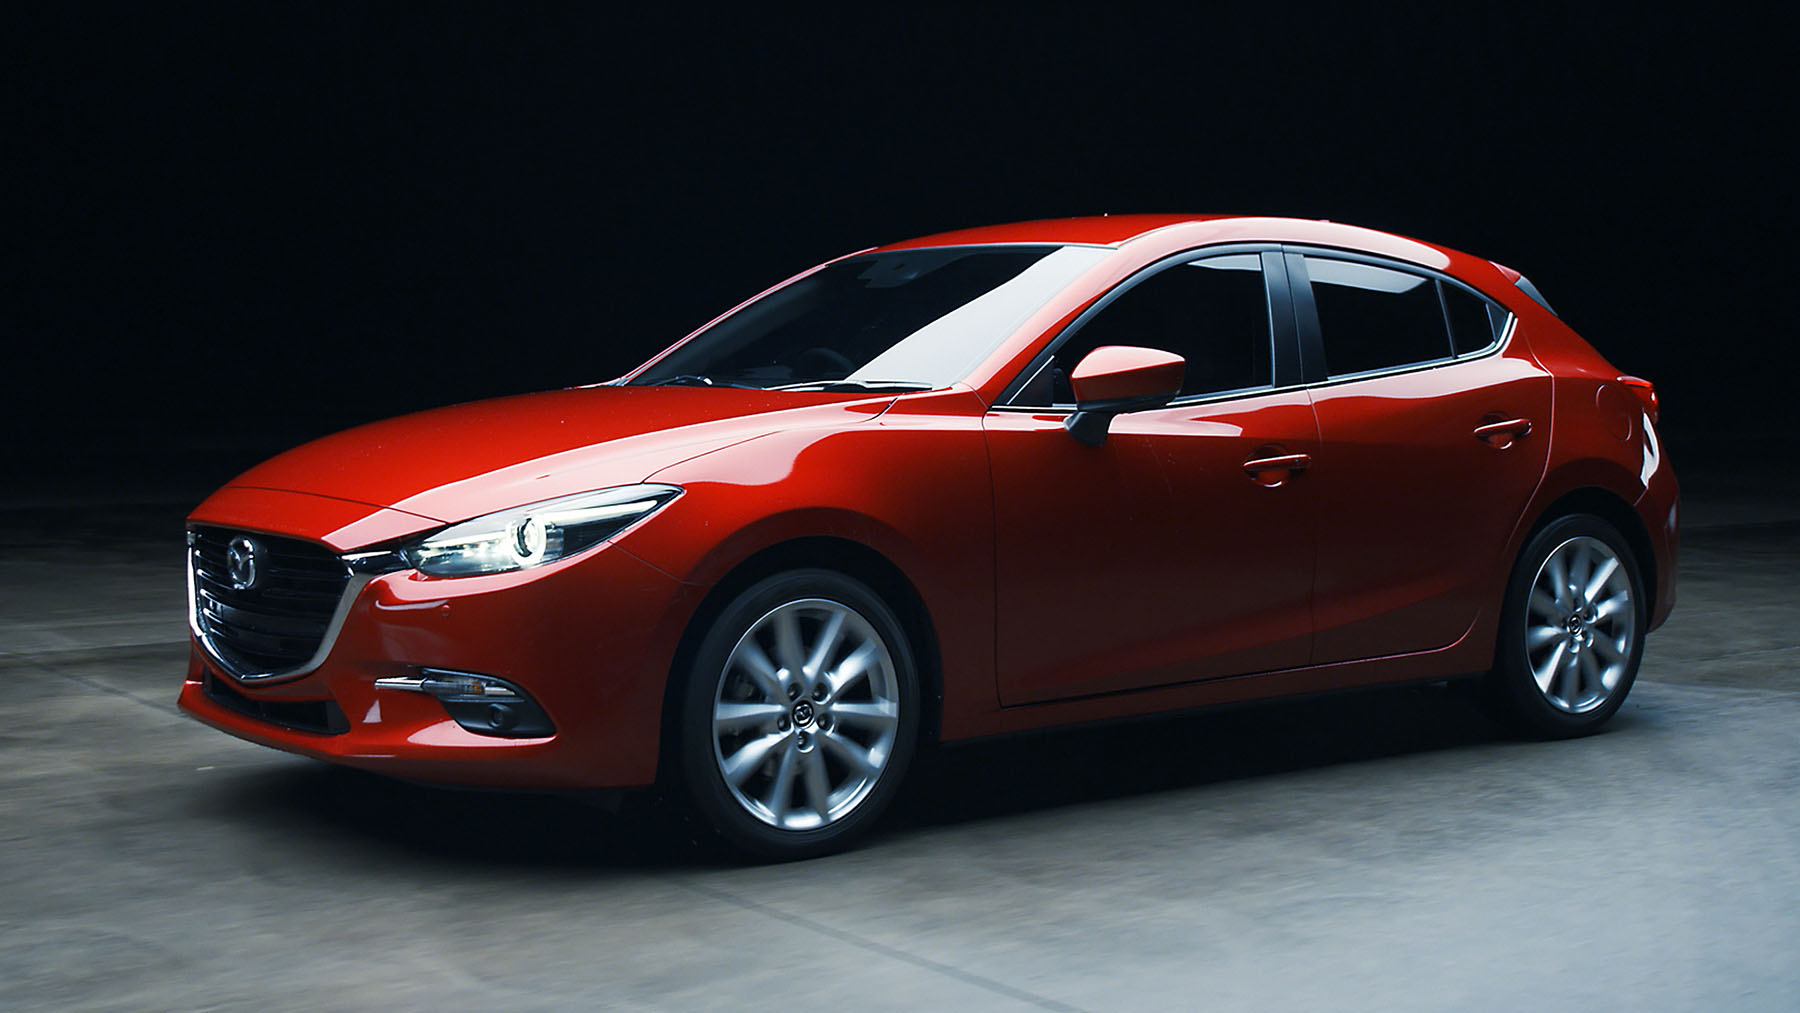 Mazda 3 2018 Sport U003eu003e Mazda 3 2018 Hatchback En México Color Rojo De Perfil